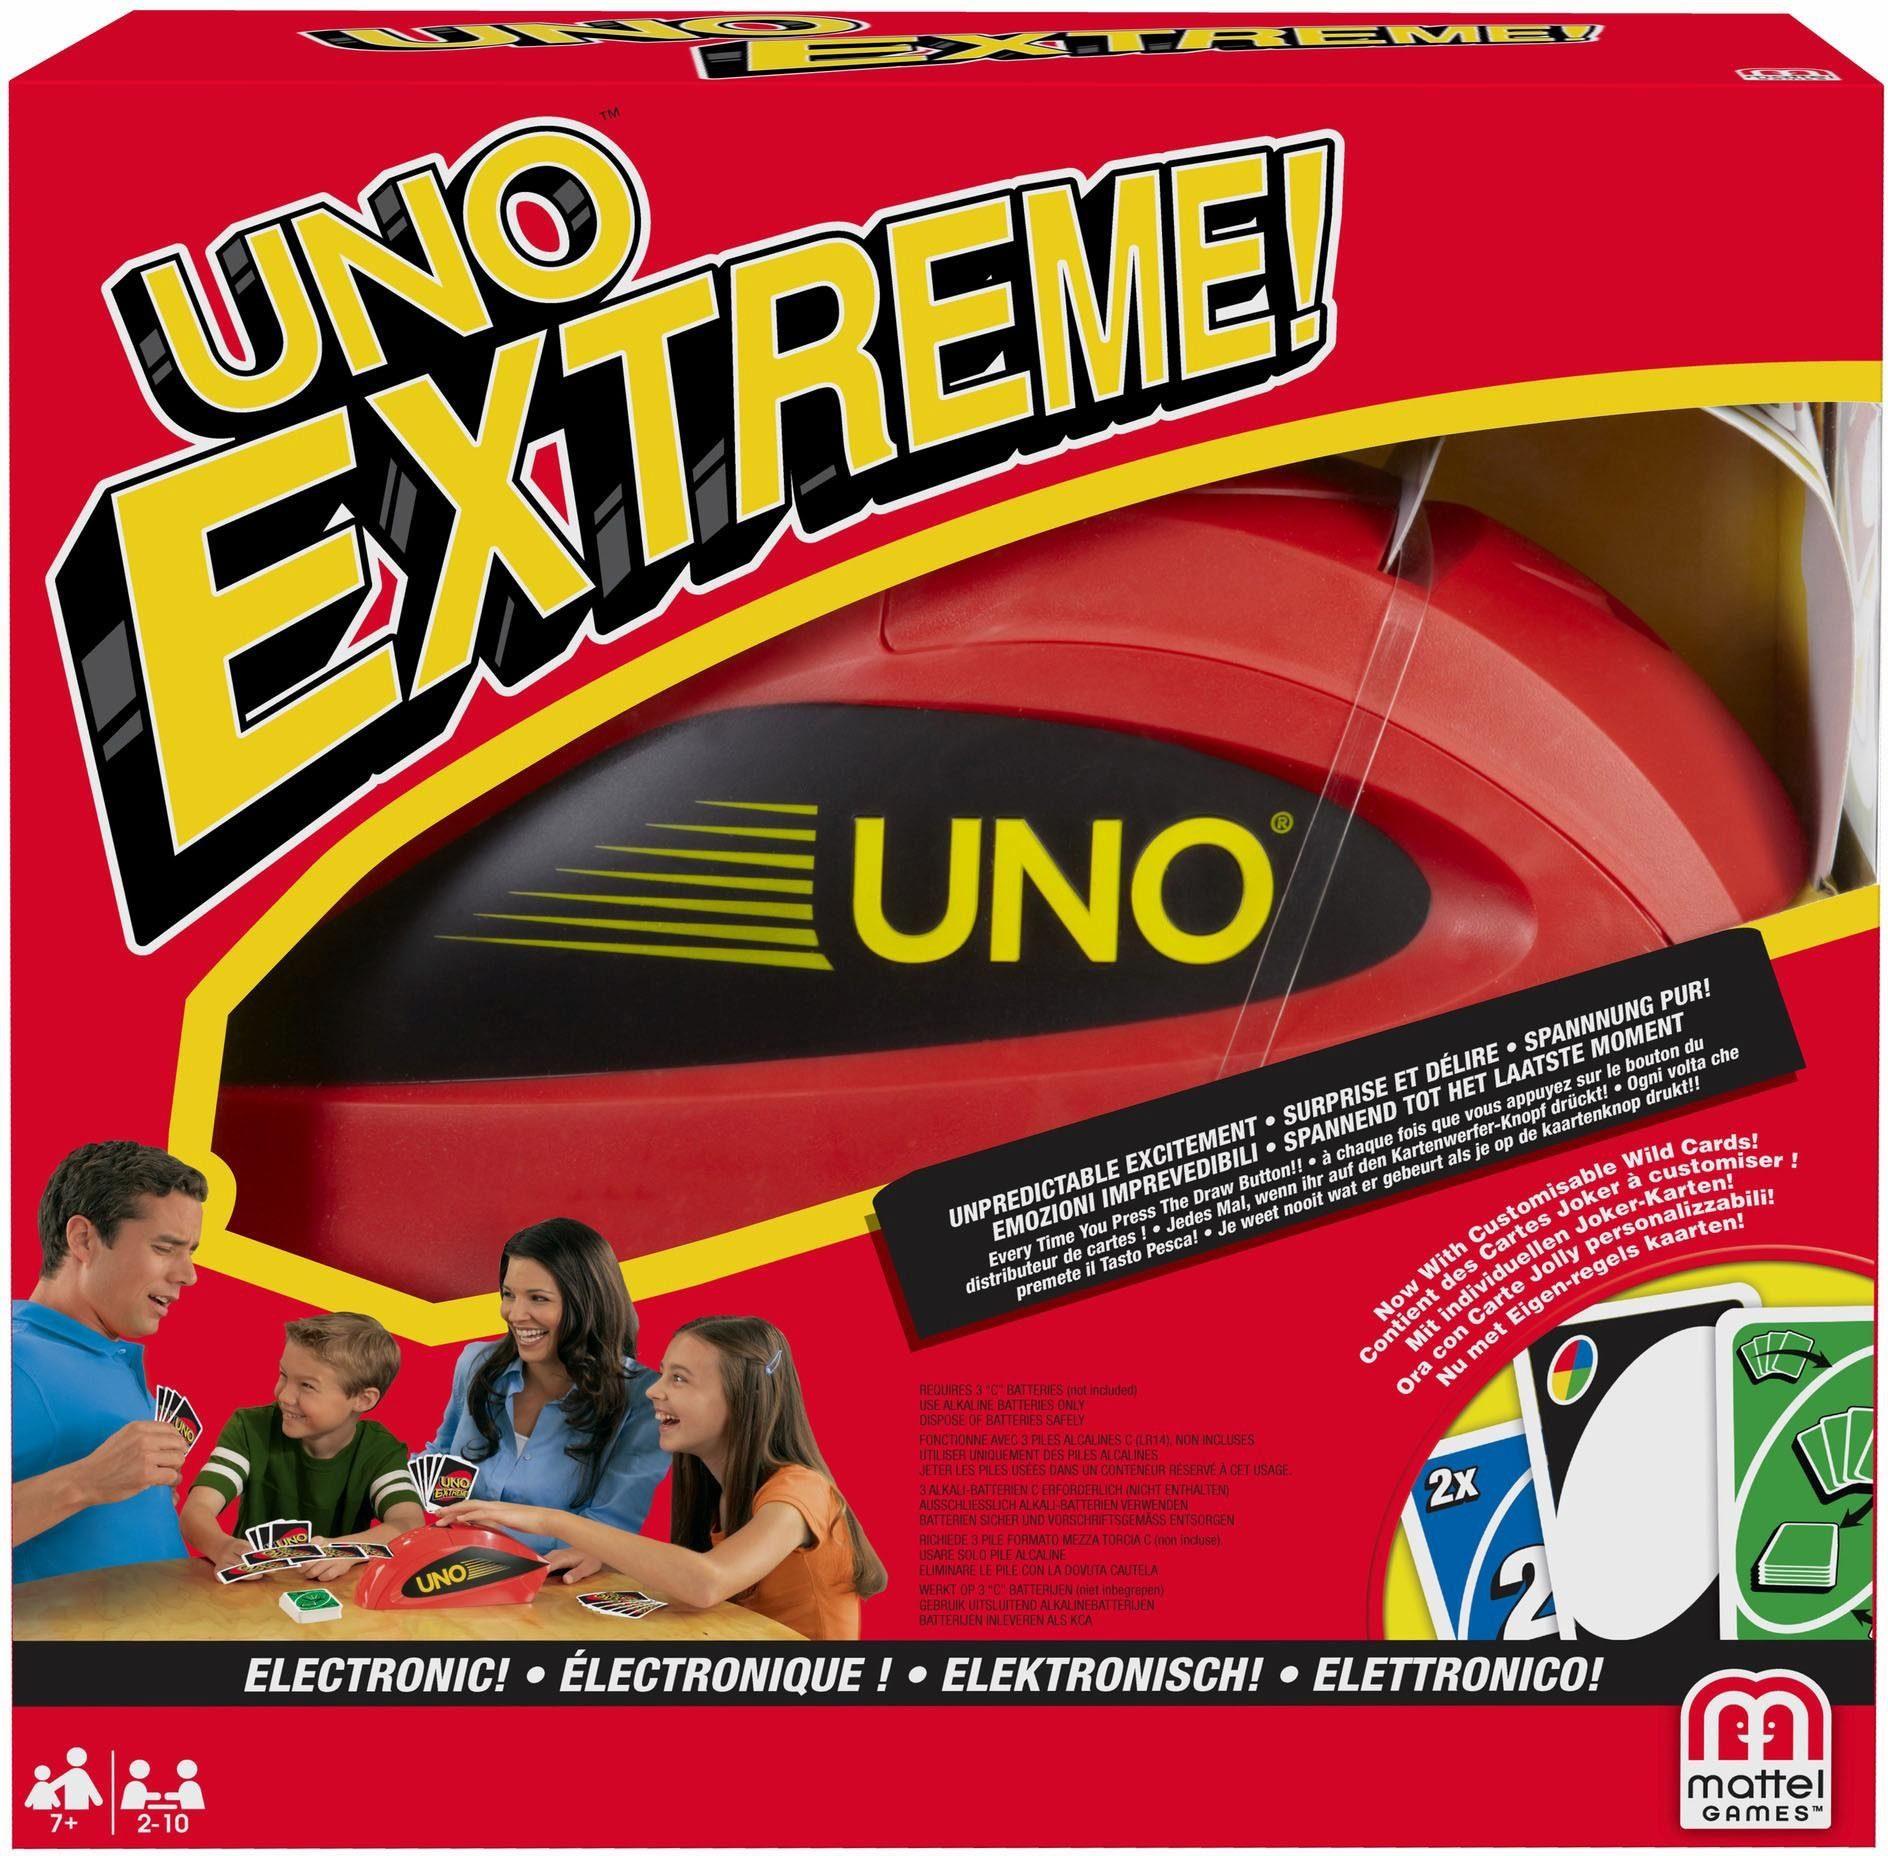 Mattel, »Mattel Games - UNO Extreme«